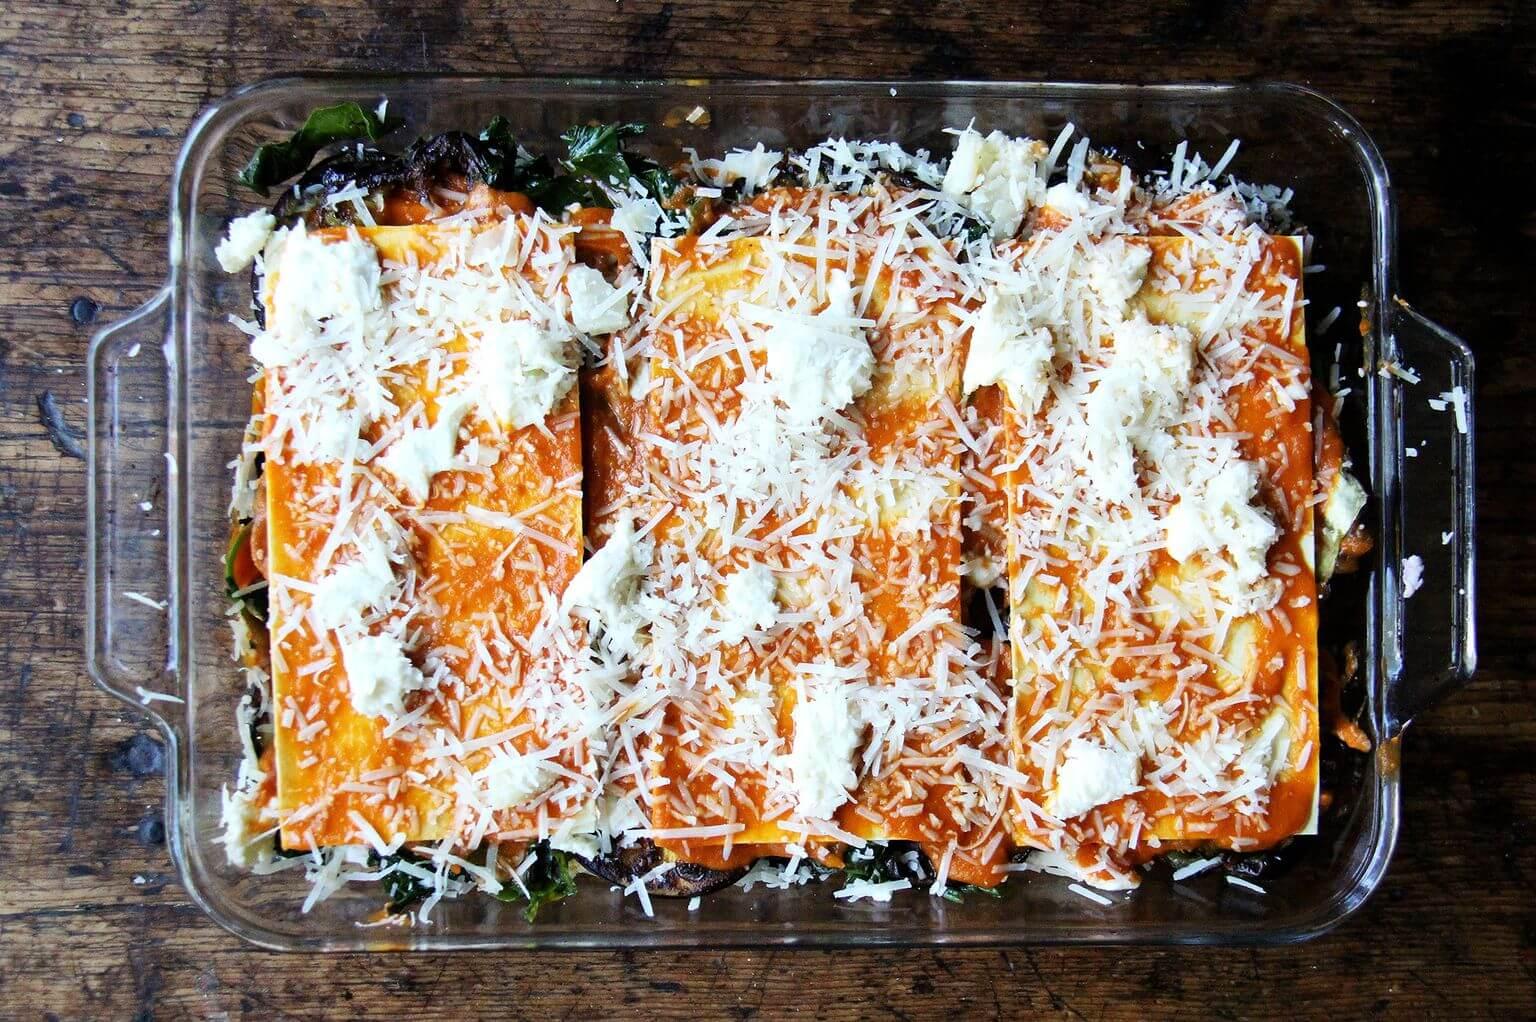 assembled eggplant lasagna